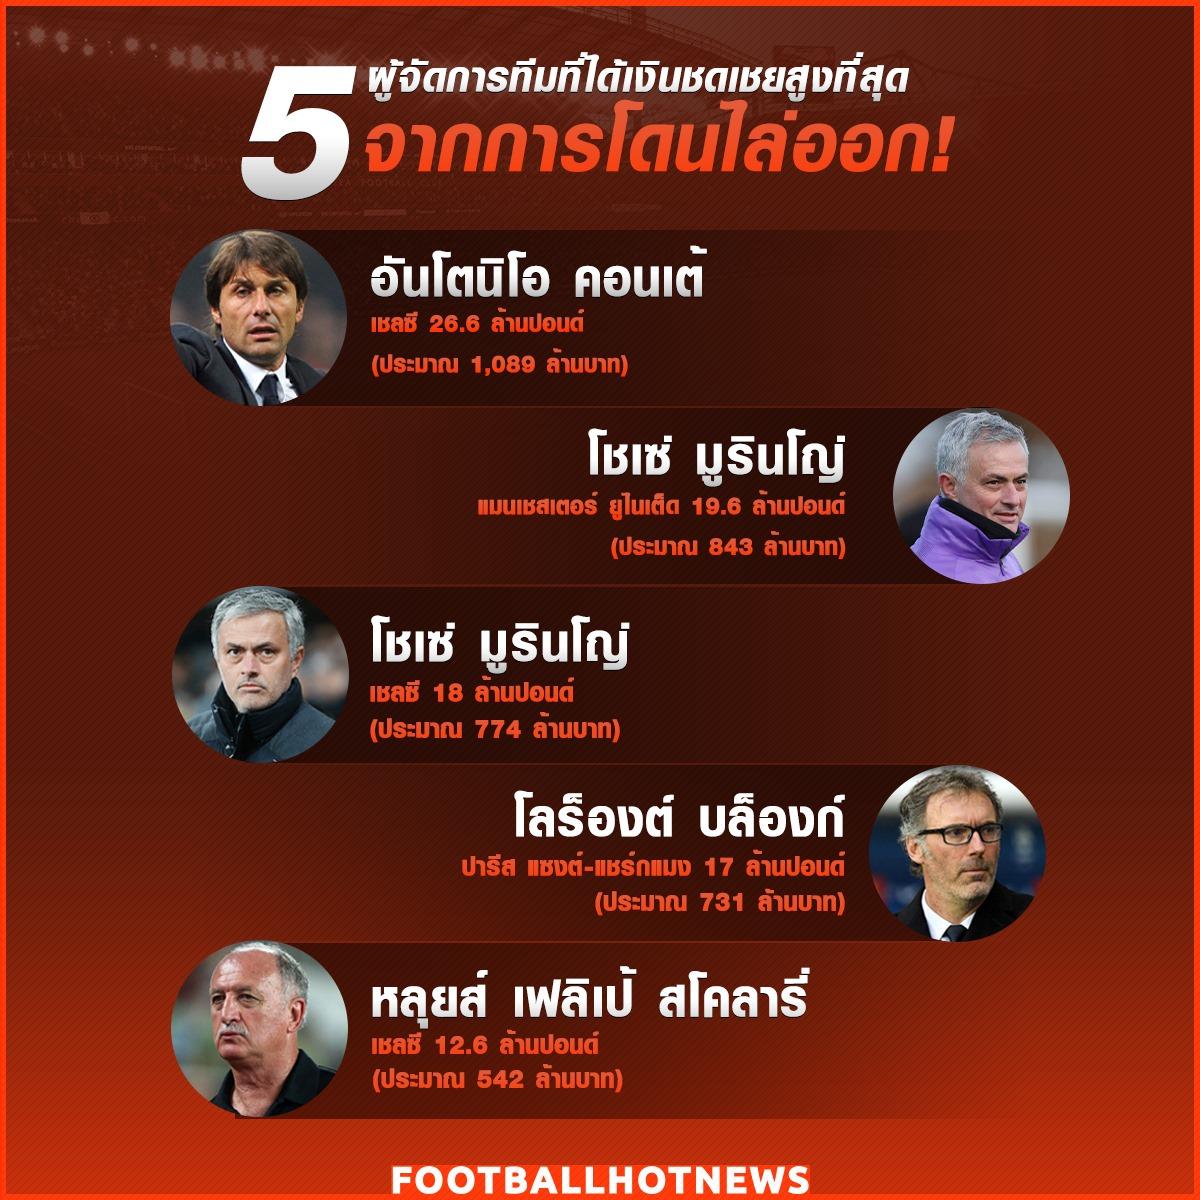 5 ผู้จัดการที่ที่ได้เงินชดเชยสูงสุด